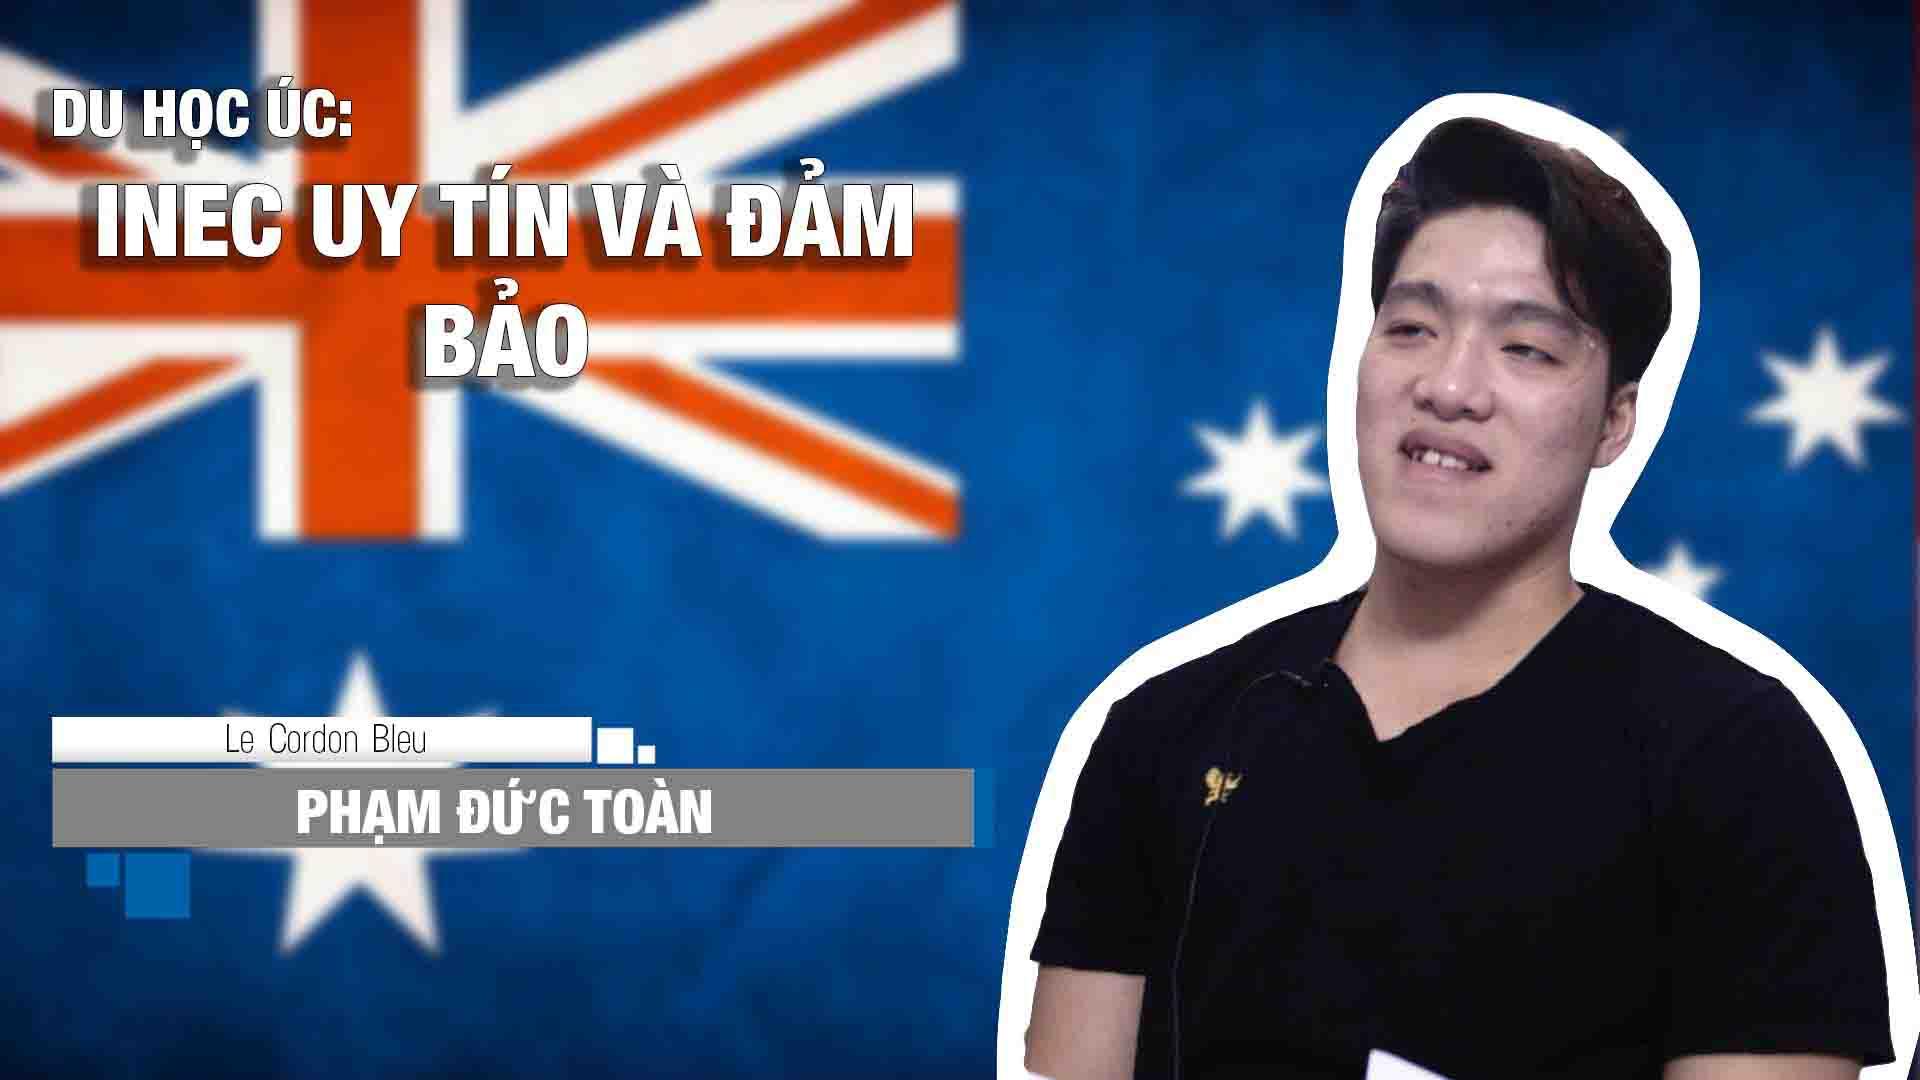 Phạm Đức Toàn đến từ thành phố Biên Hòa, tỉnh Đồng Nai sẽ nhập học tại Học viện Le Cordon Bleu vào tháng 01/2017. Với ước mơ trở thành một đầu bếp tài năng làm việc tại khách sạn nhà hàng 5 sao đẳng cấp đã không ngừng thôi thúc Đức Toàn ghi danh vào chương trình Cao đẳng nâng cao, ngành đầu bếp tại Le Cordon Bleu chi nhánh Melbourne.